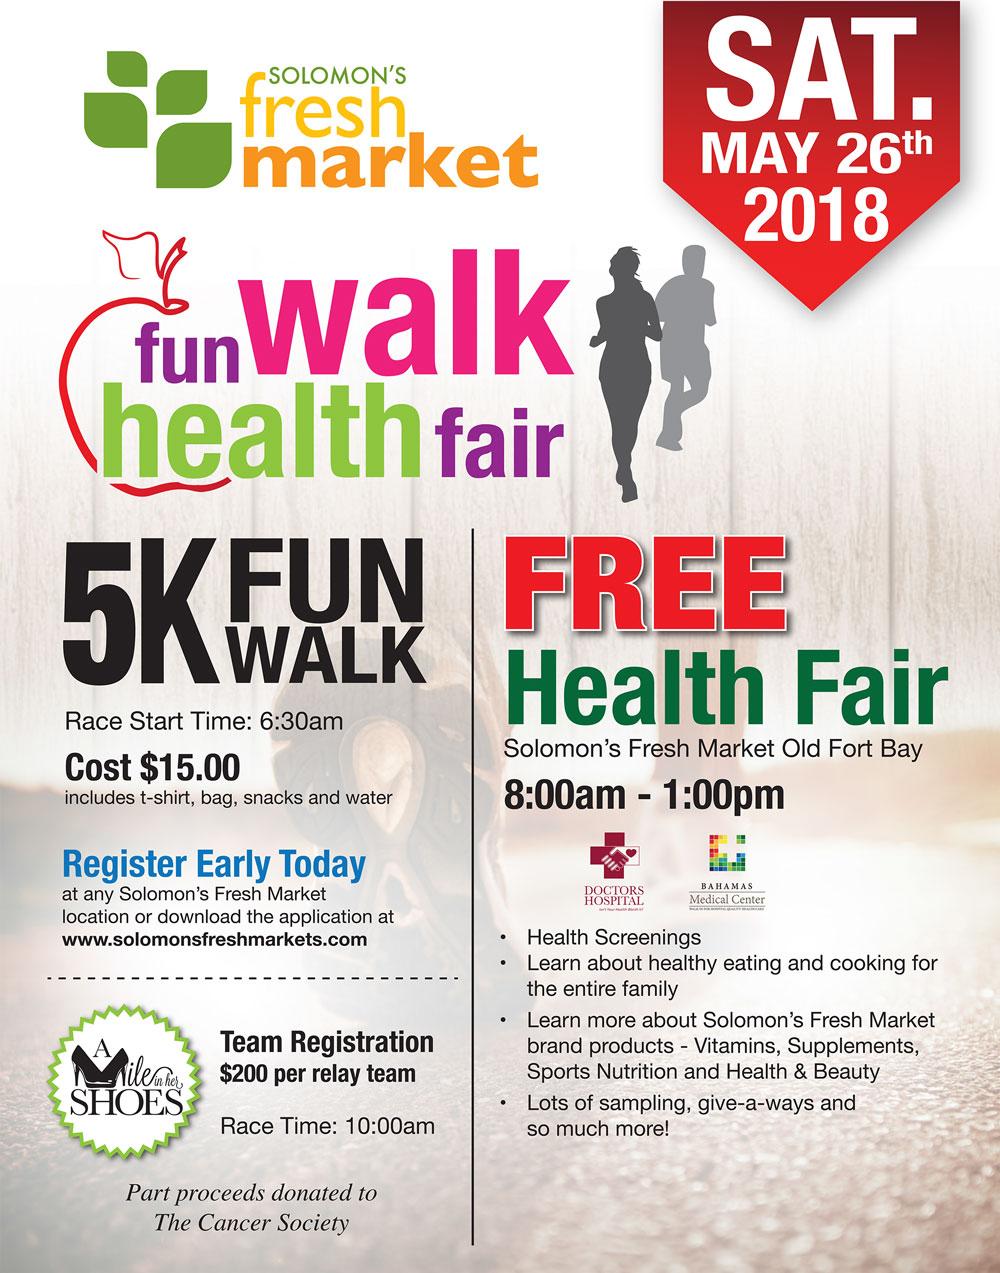 Fun Walk Health Fair With Solomon's Fresh Market